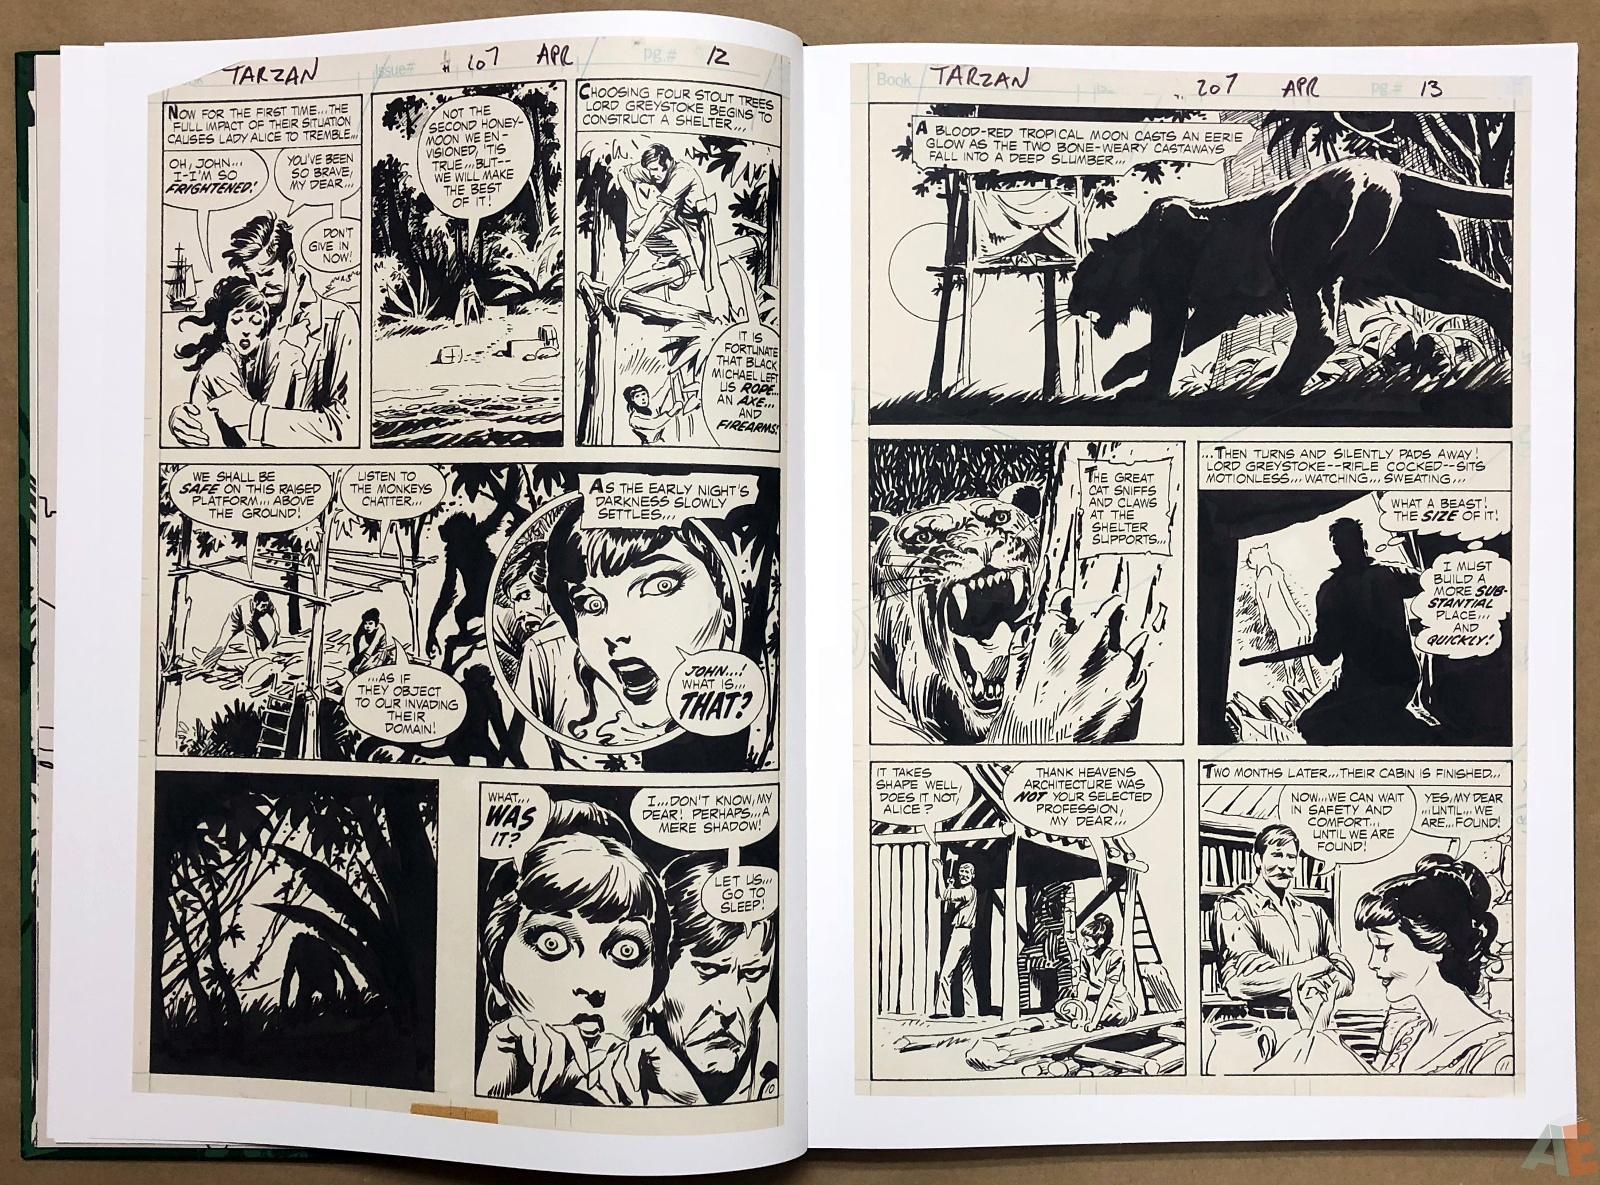 Joe Kubert's Tarzan of the Apes Artist's Edition 12